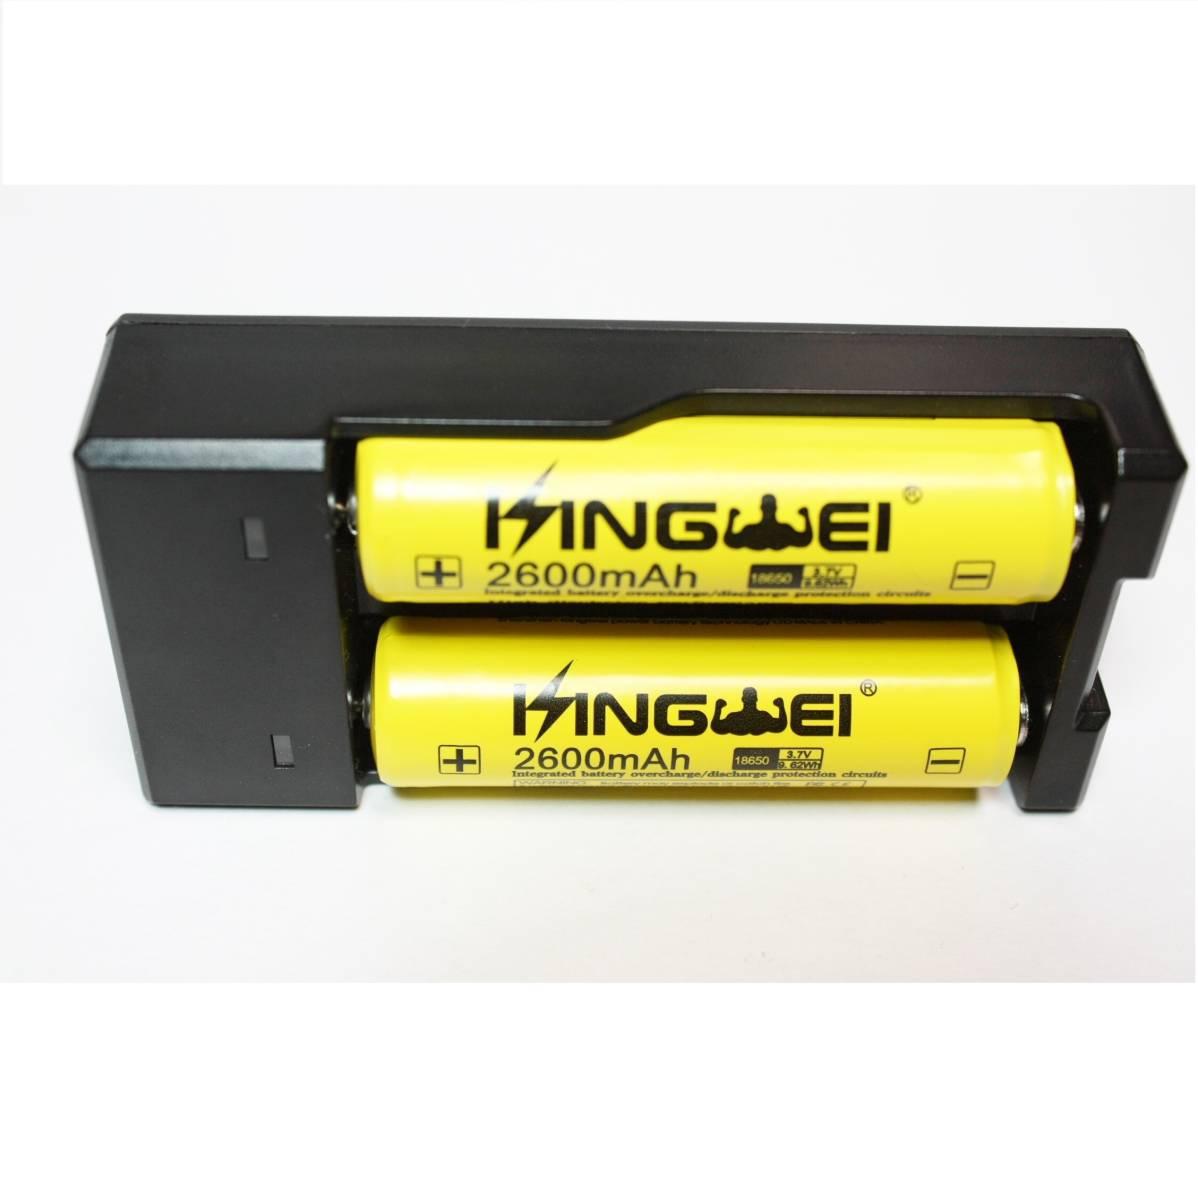 正規容量 18650 経済産業省適合品 リチウムイオン 充電池 2本 + 急速充電器 バッテリー 懐中電灯 ヘッドライト g05_画像2